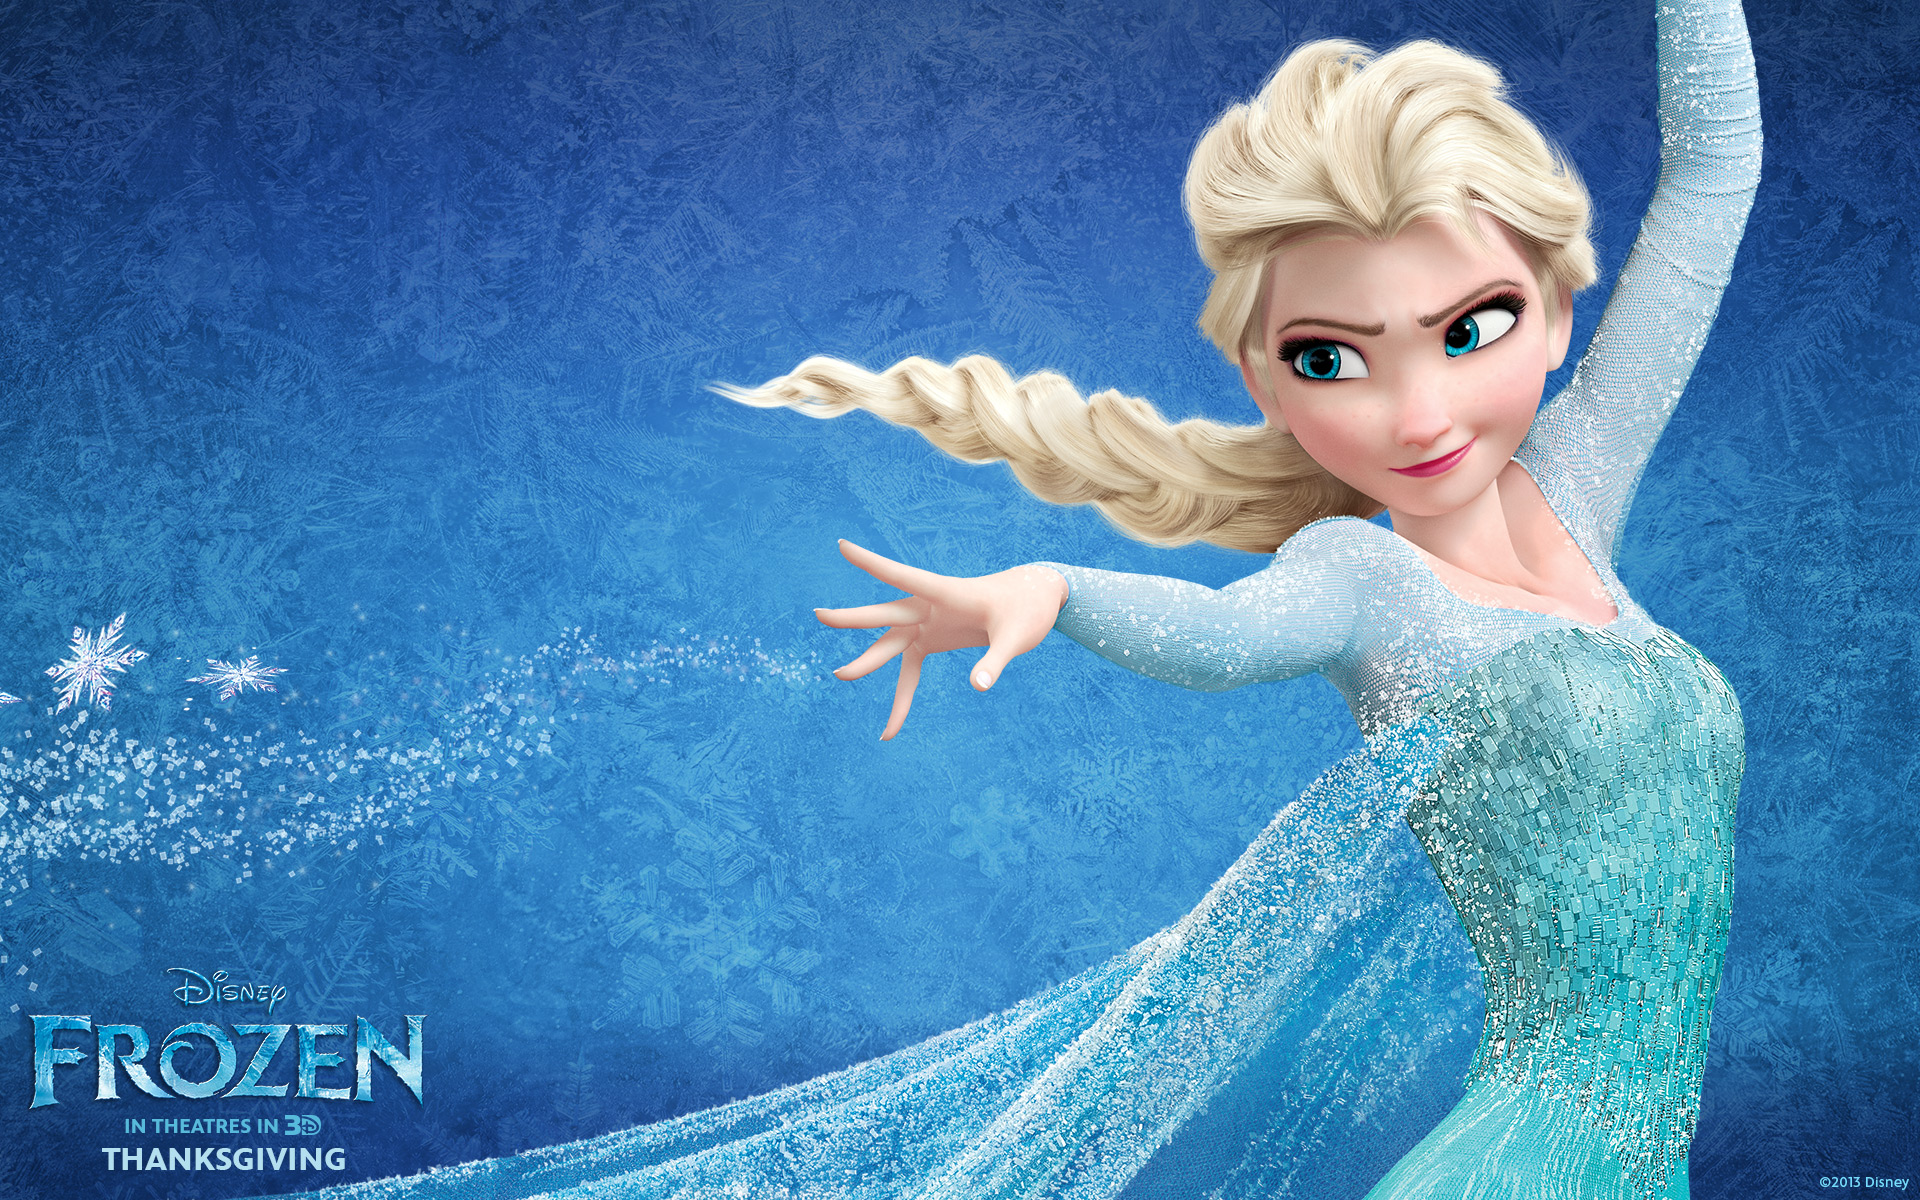 Film Nerd (24): Frozen